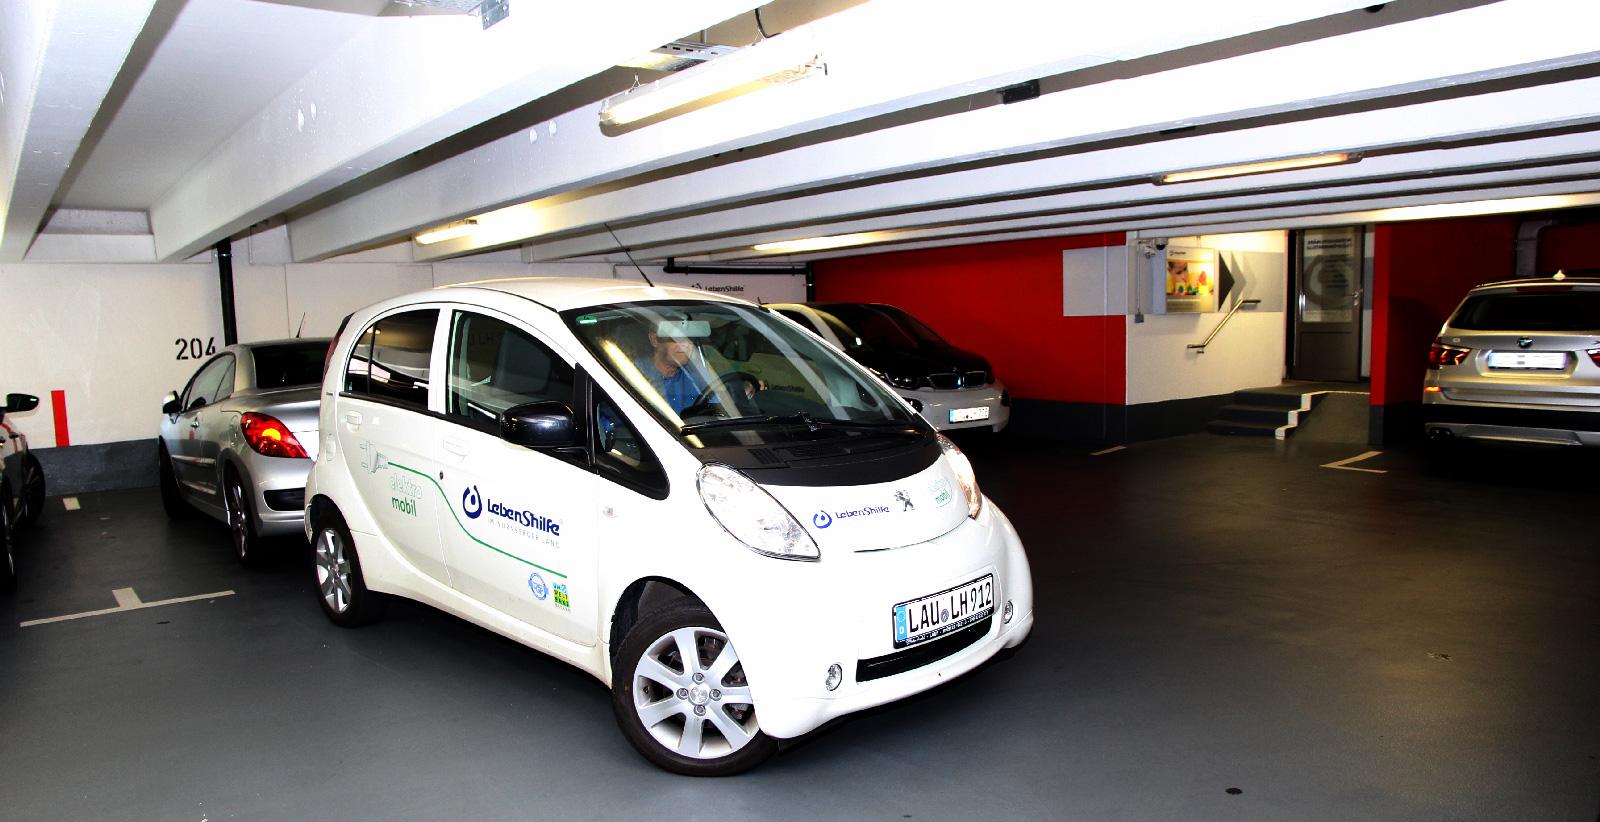 Mit zwei E-Mobilen und einem Erdgas-Hybrid-Fahrzeug umweltfreundlich unterwegs: Die mobilen Dienste der interdisziplinären Frühförderstelle.